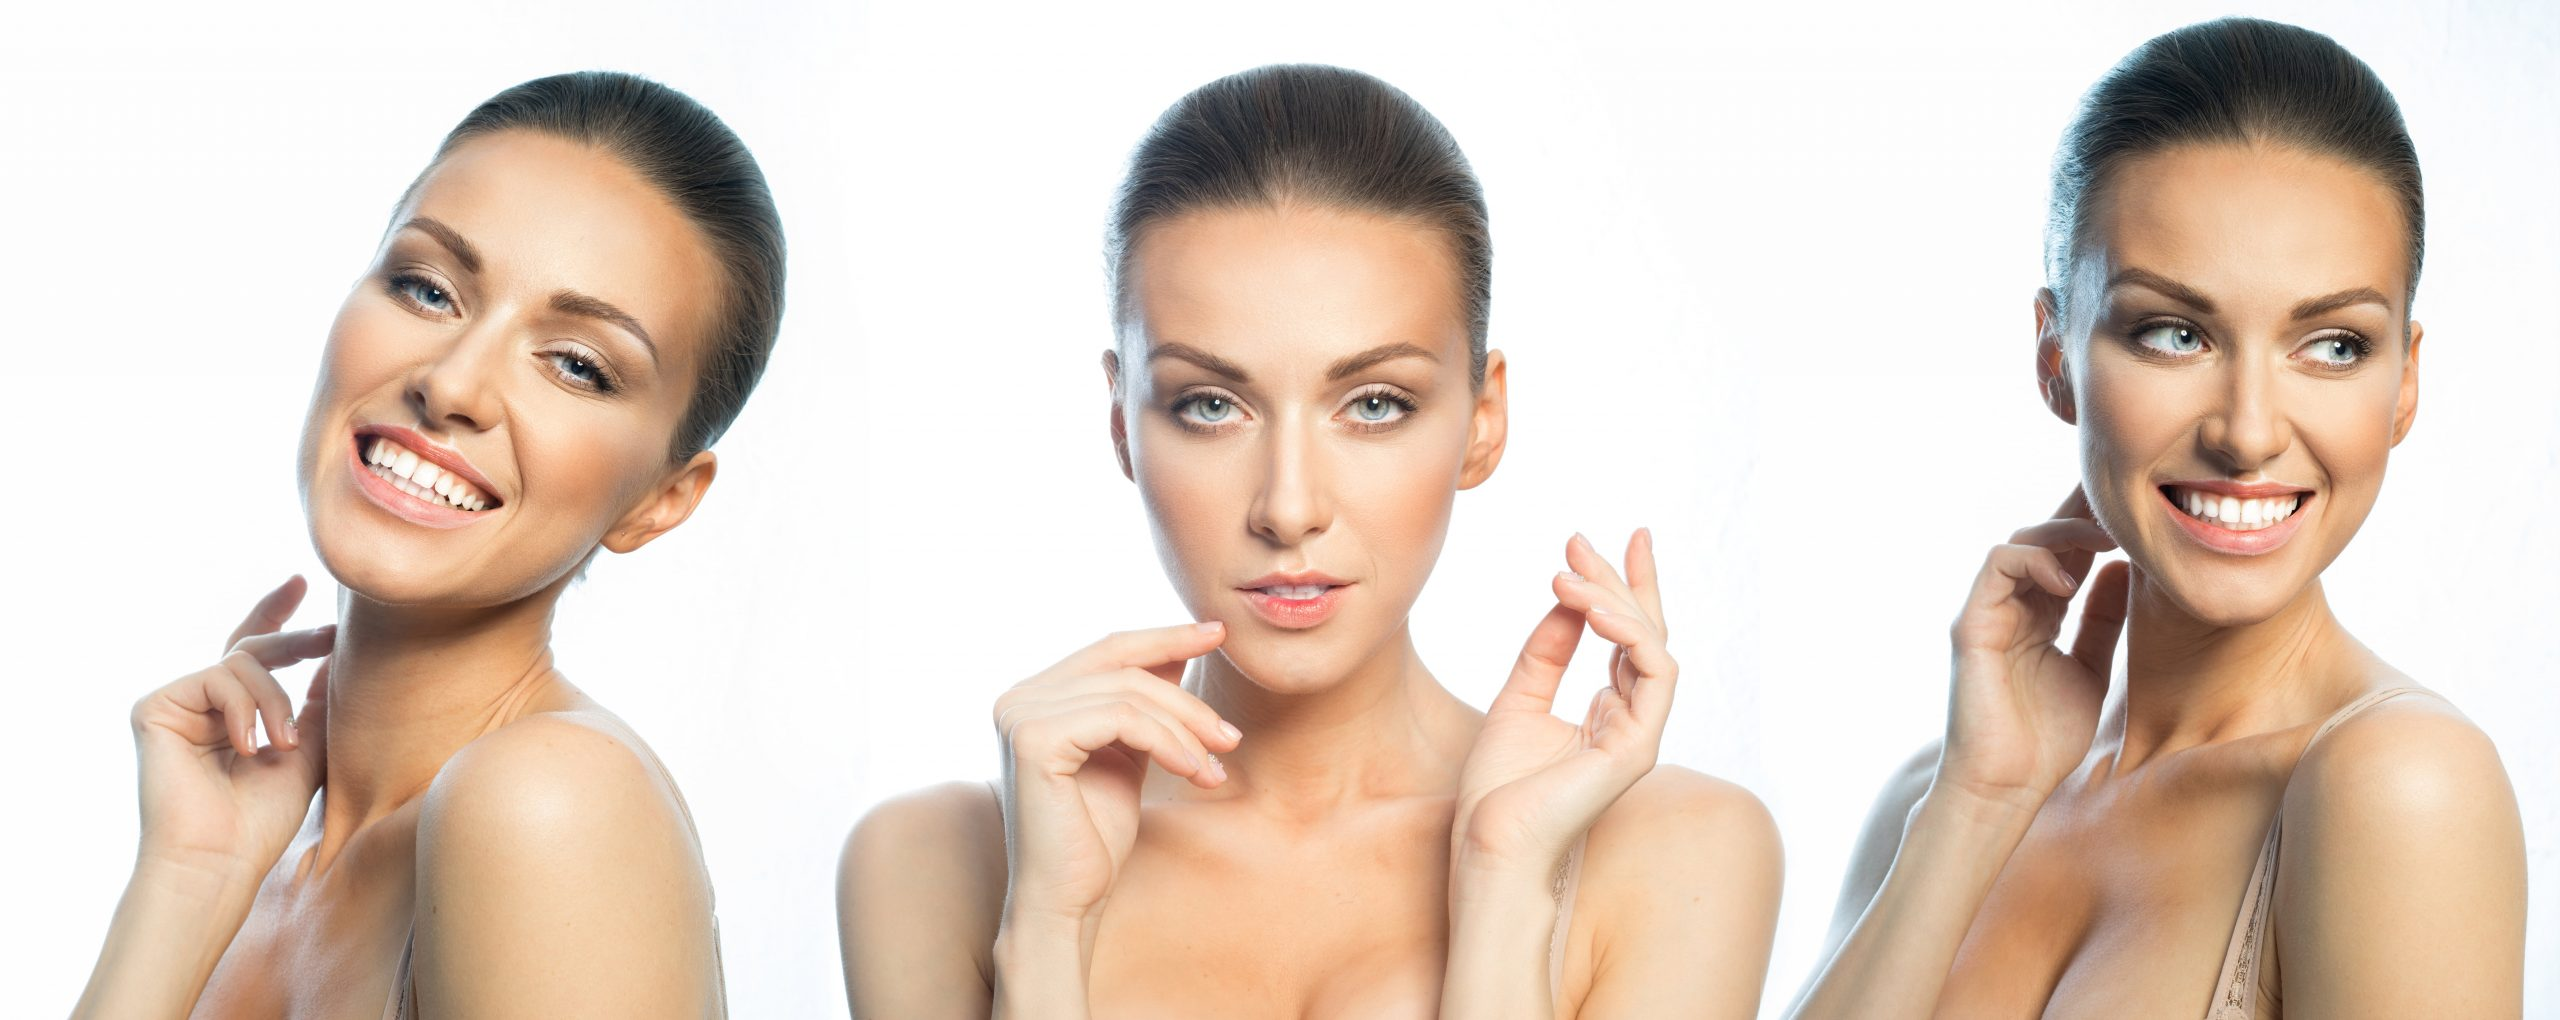 producent kosmetyków, producent kontraktowy kosmetyków, KONTRAKTOWY PRODUCENT KOSMETYKÓW